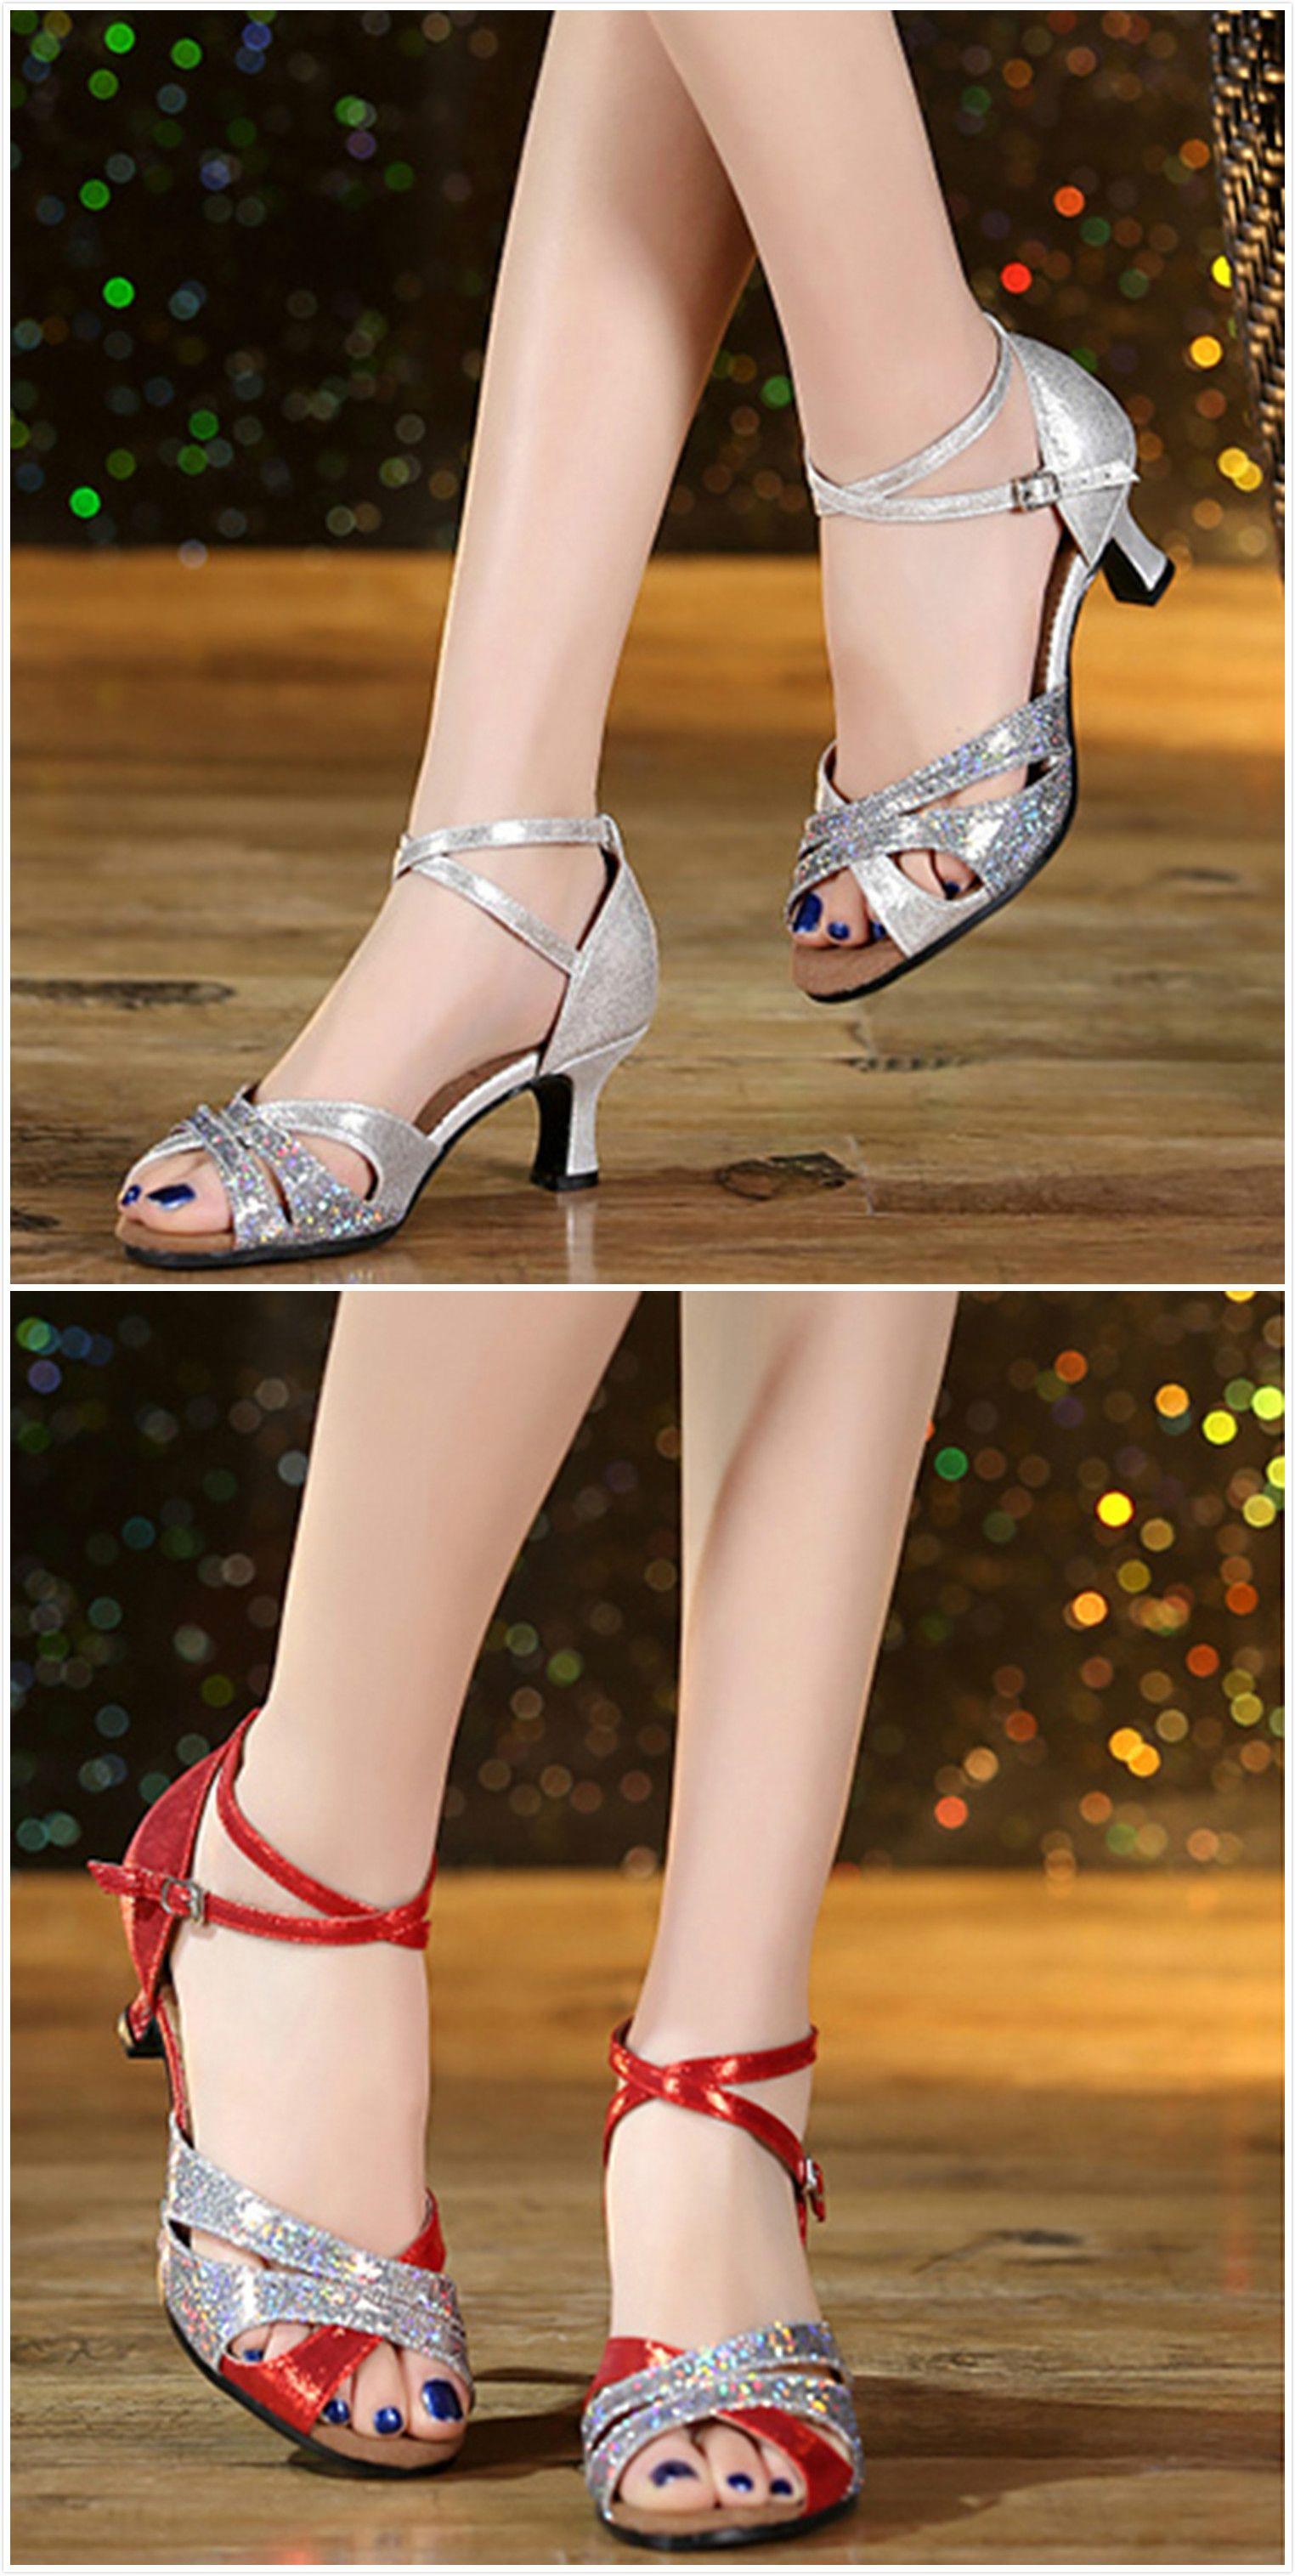 e24f28fe81 Peep Toe Sequins Cross Strap Latin Dance Shoes - OASAP.com